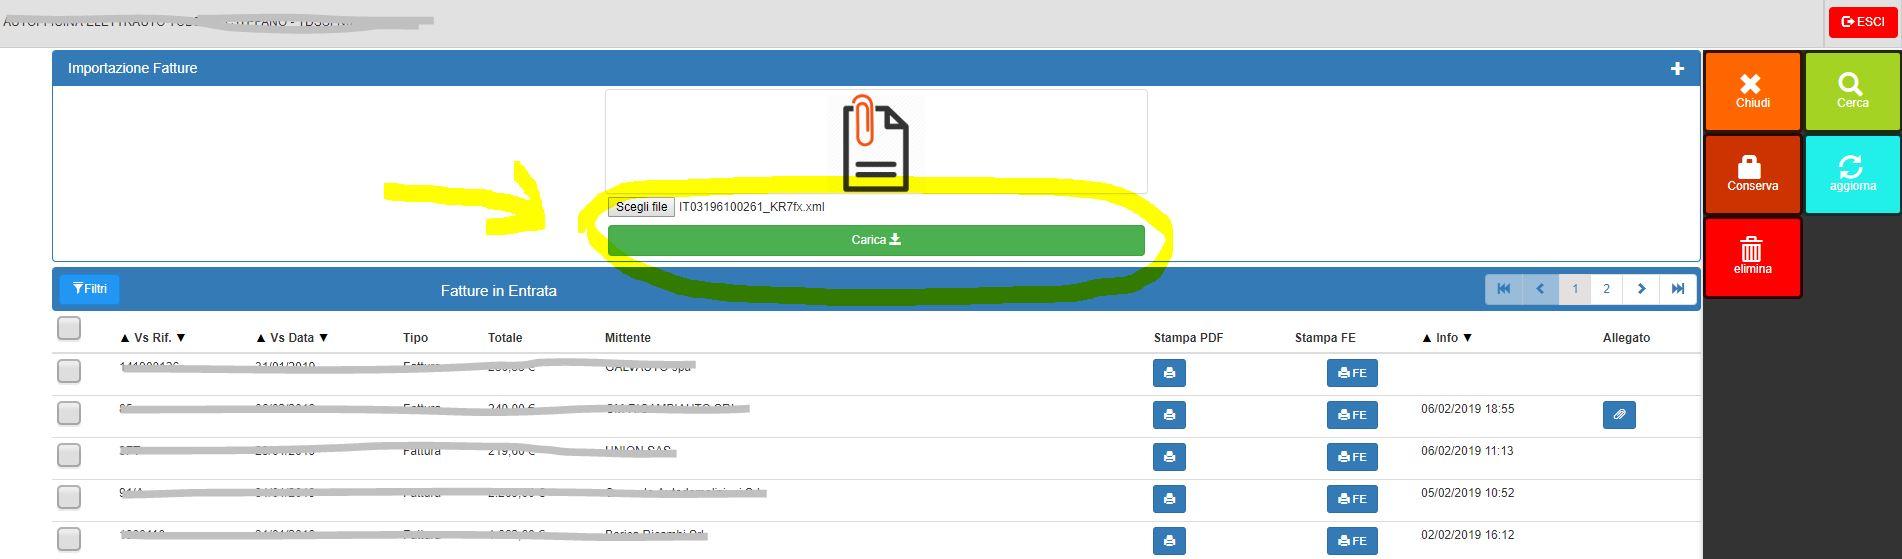 Importazione manuale fatture elettroniche RICEVUTE - caricamento del file XML